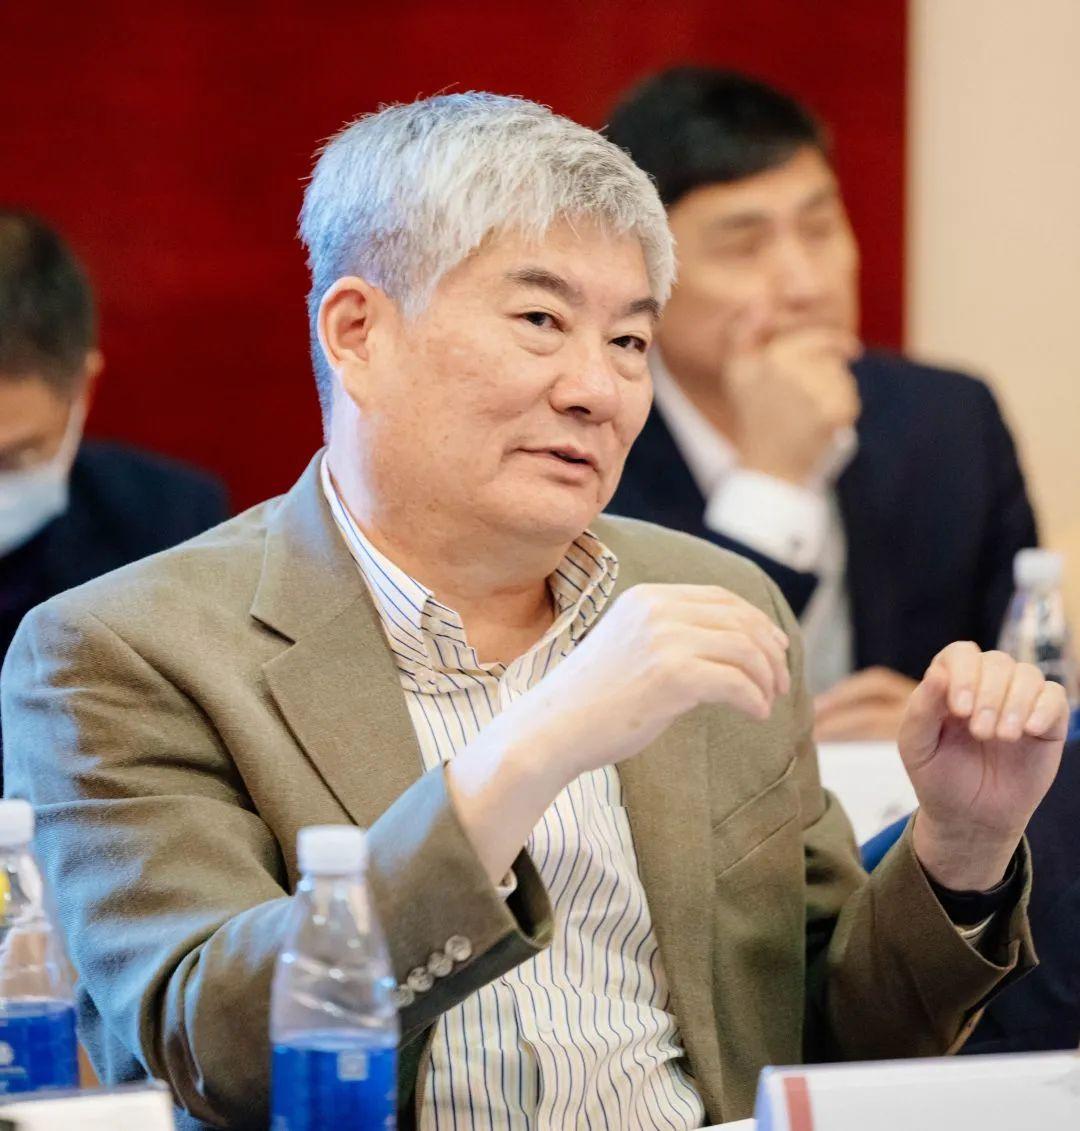 淄博岜山万杰医院专家受邀参加2020年粒子束放射治疗术语标准化审议研讨会暨肿瘤质子治疗发展研讨会